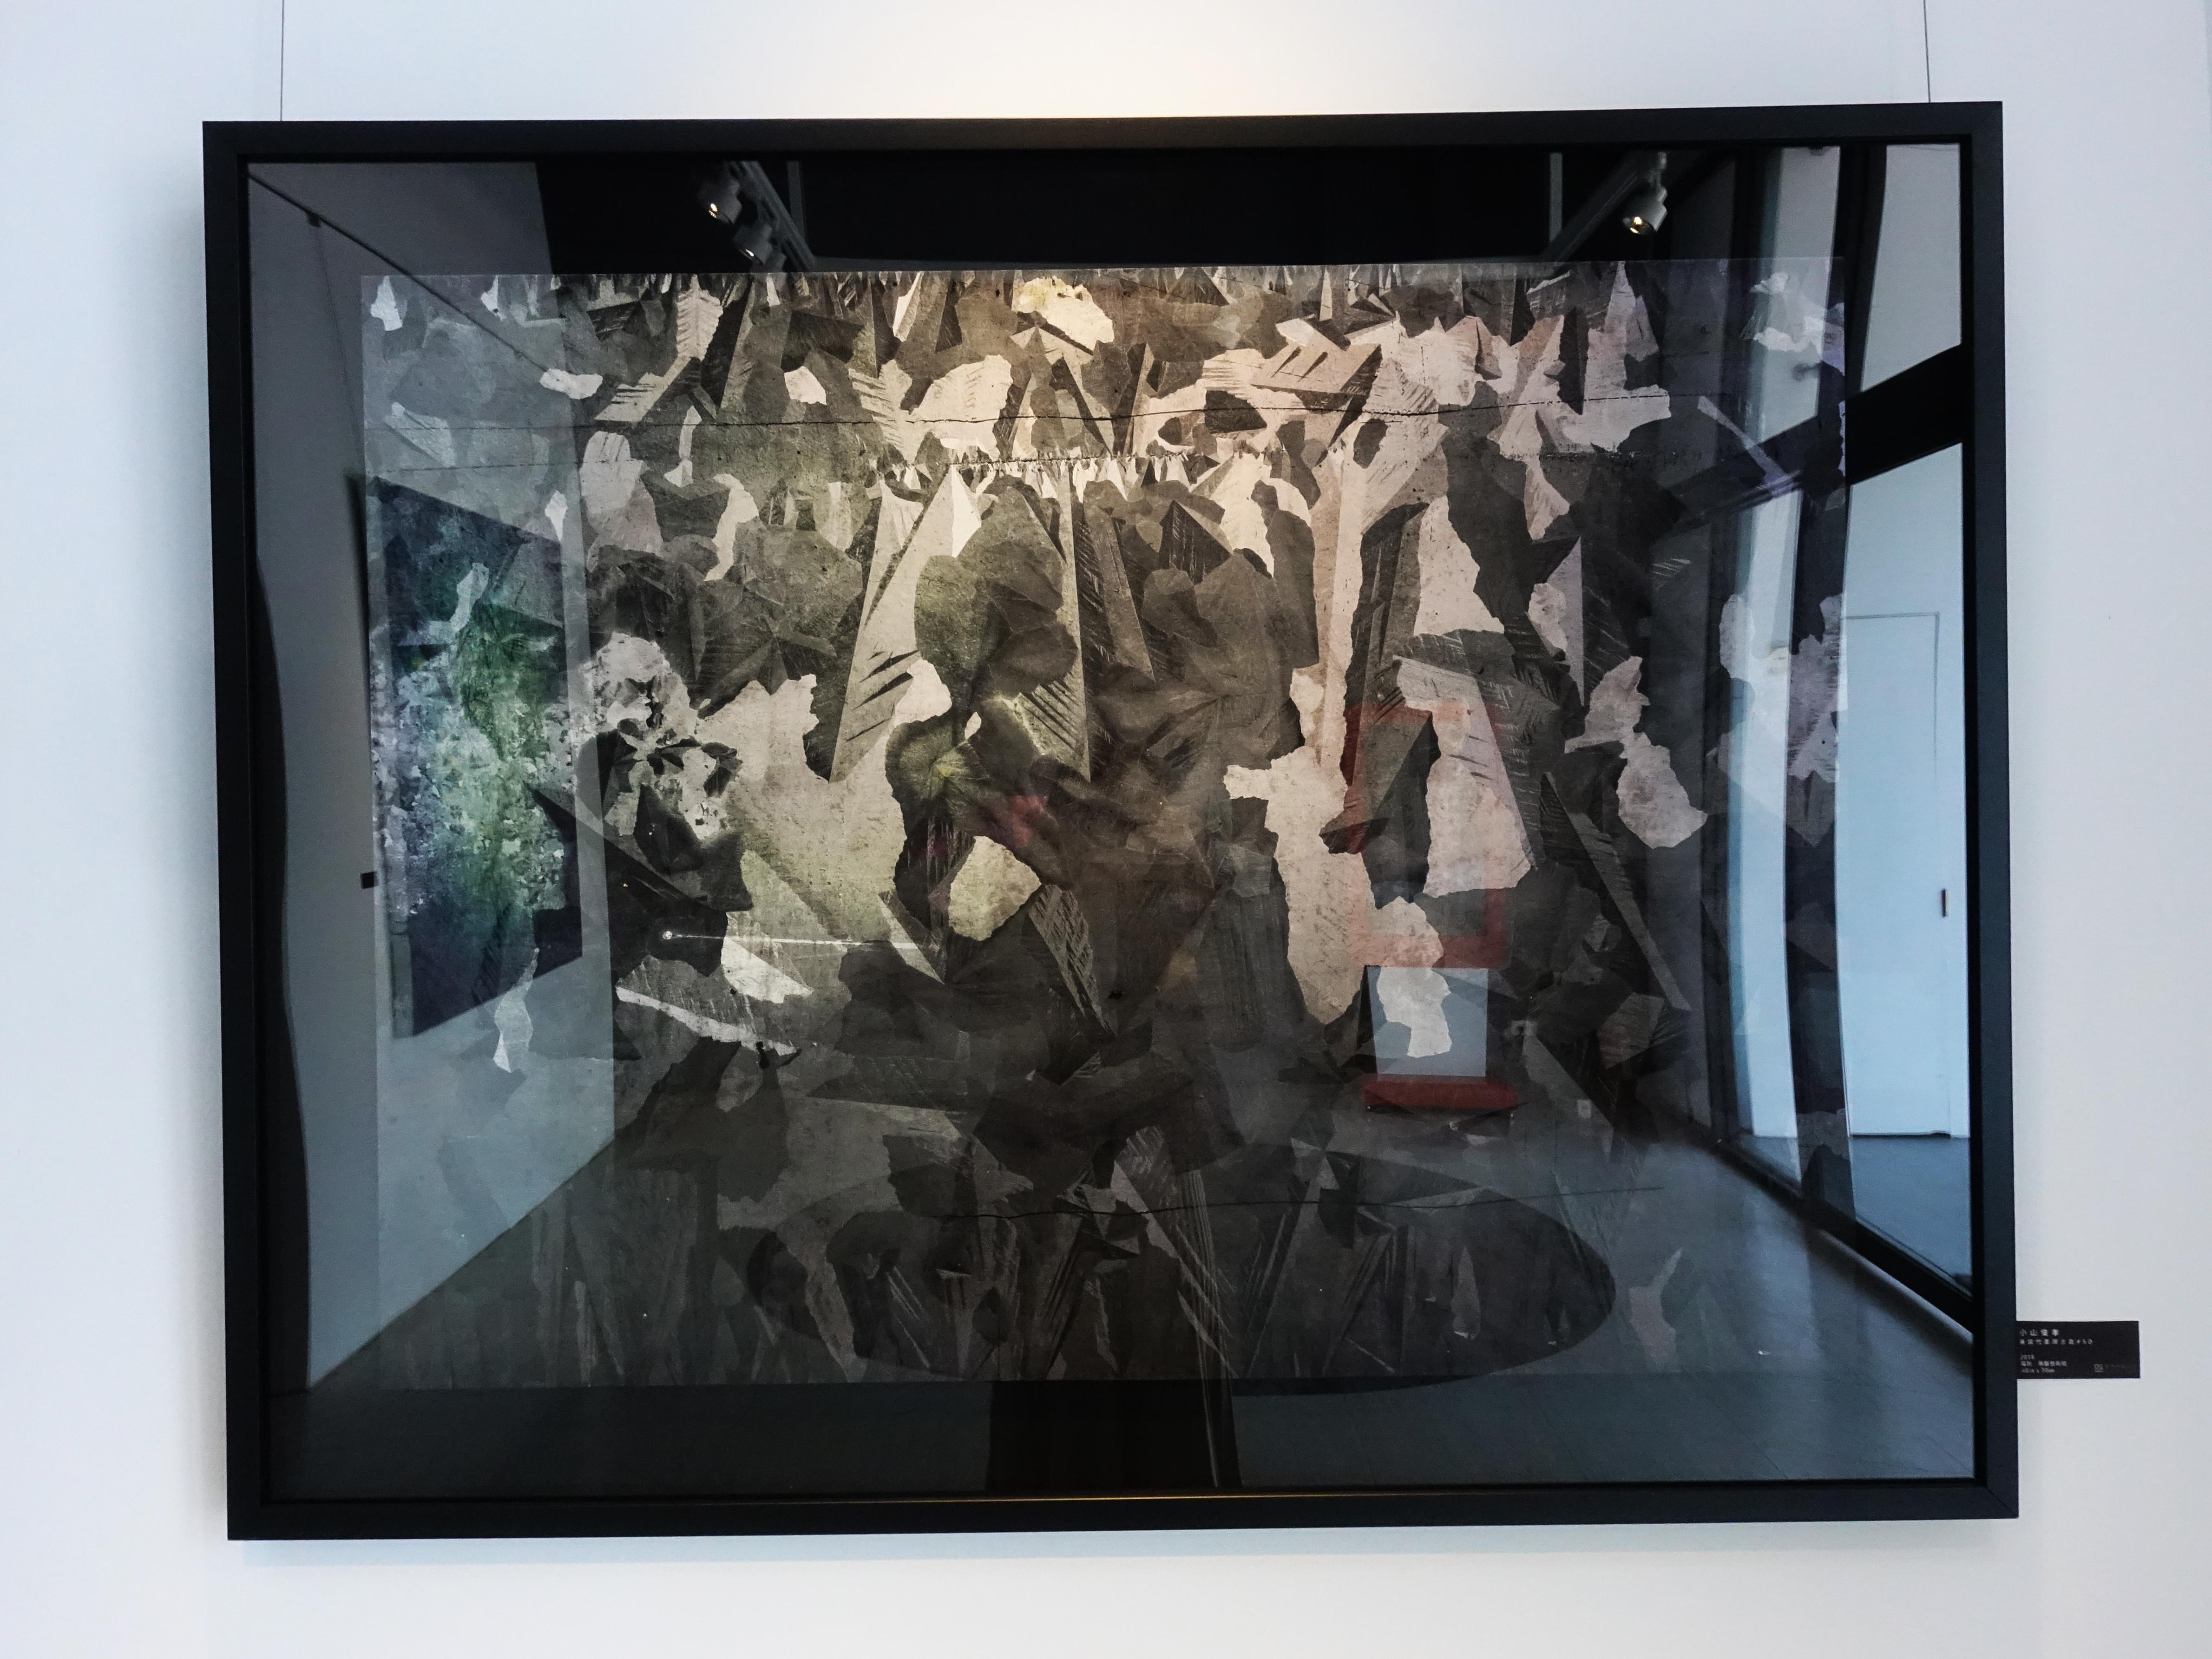 小山俊孝,《後當代表現主義#50》,40 x 30 in,攝影、無酸藝術紙,2018。